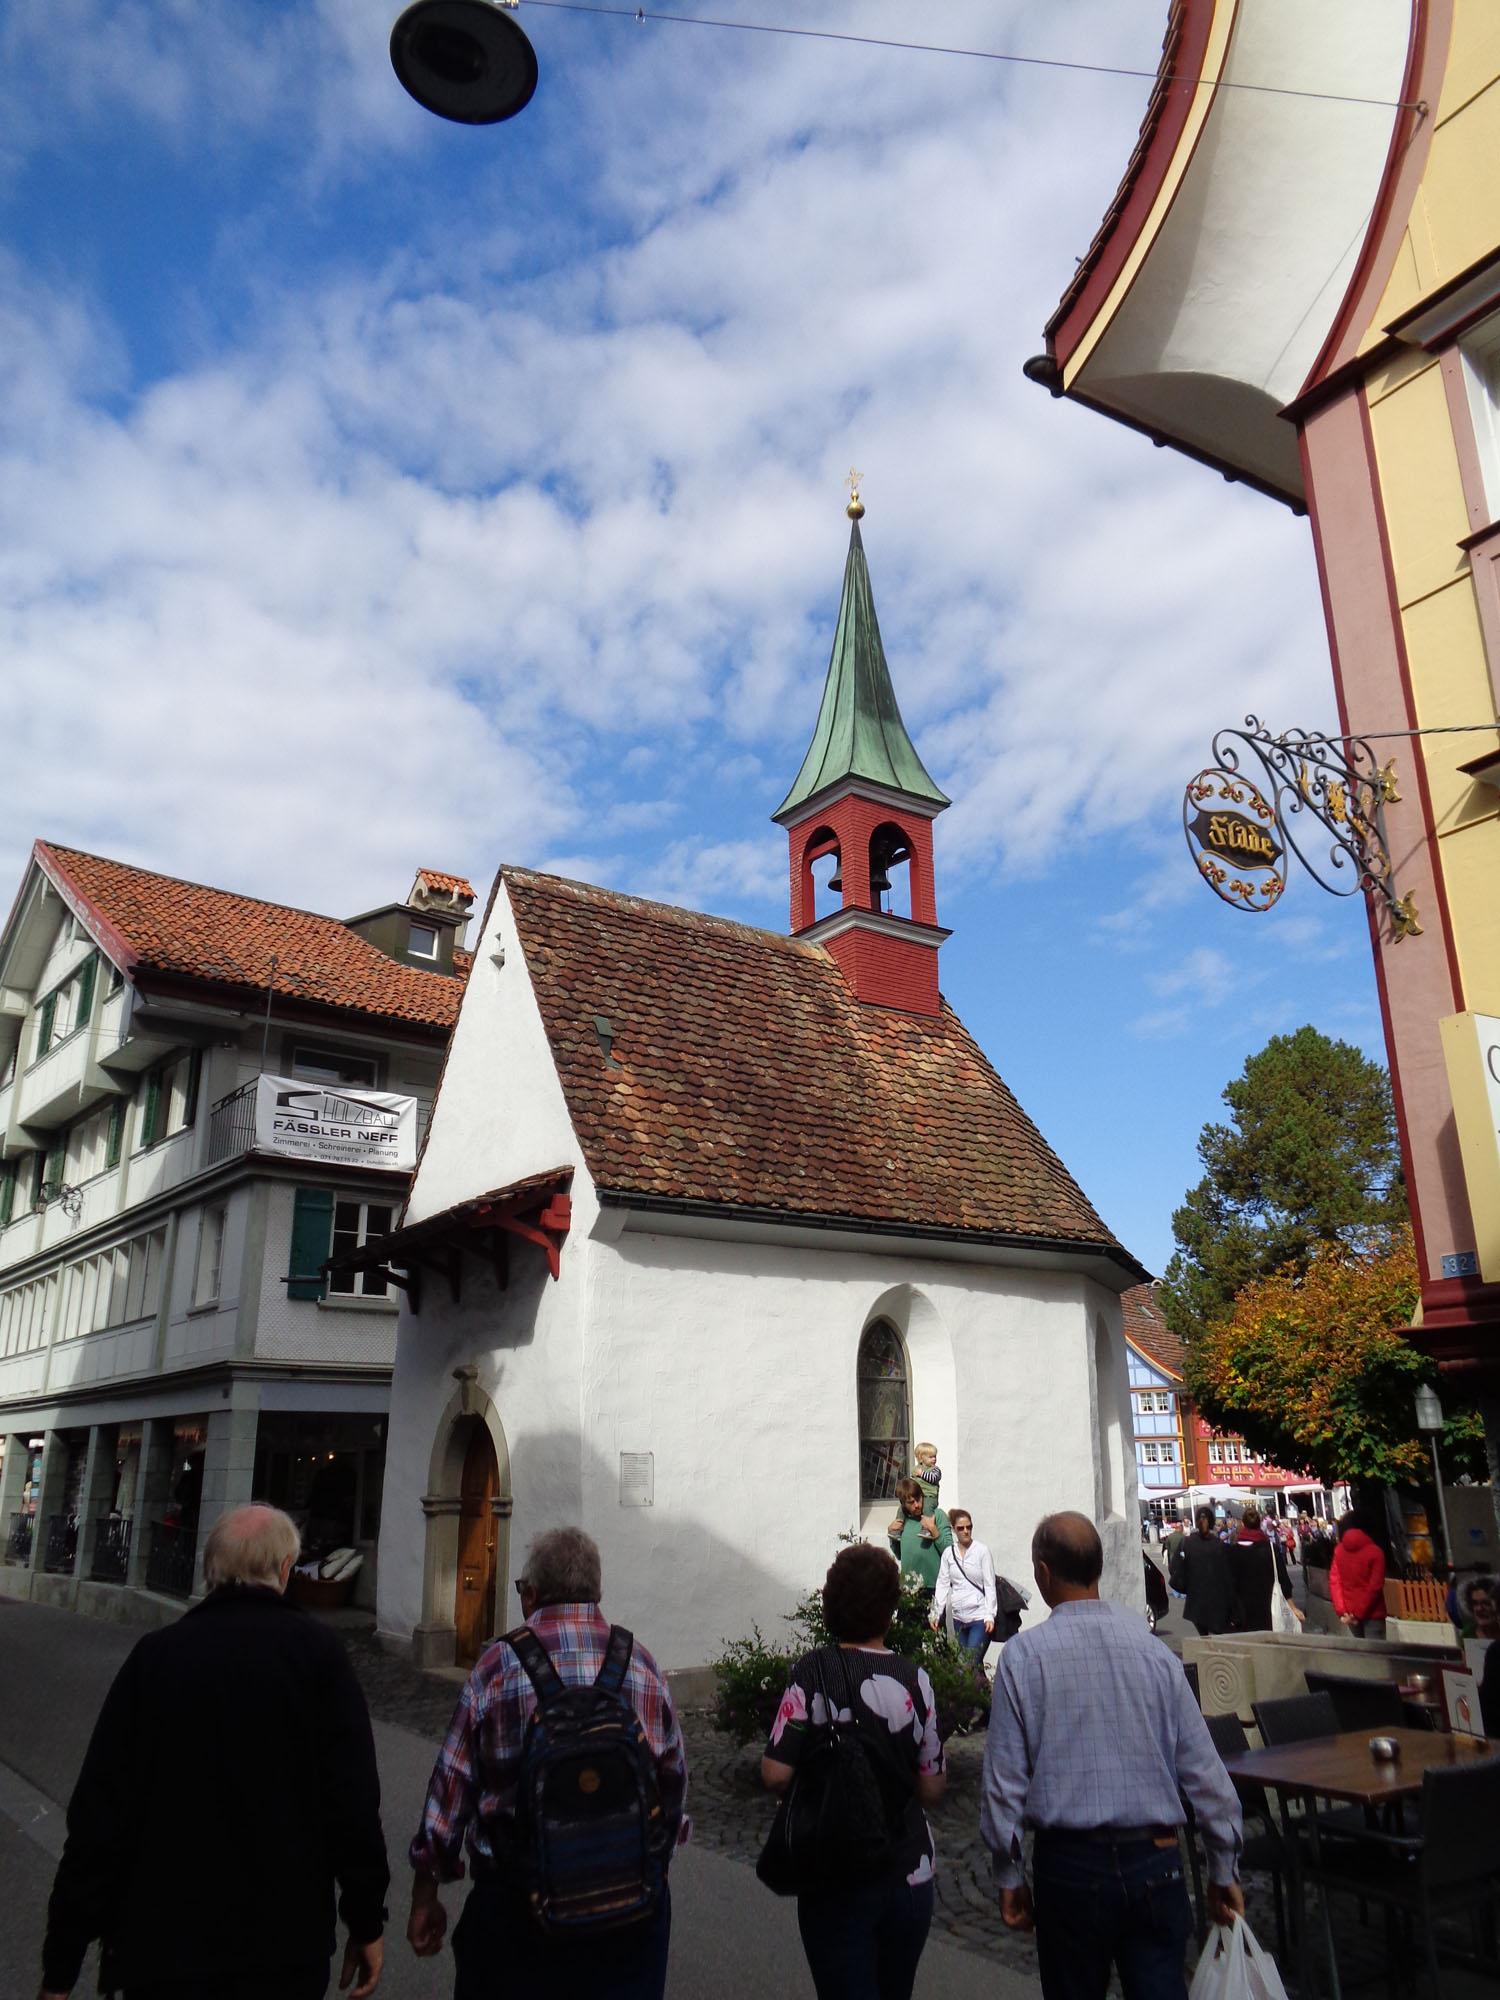 20170930_SHBS_Spitzerausstellung-Appenzell_UKlausner_048